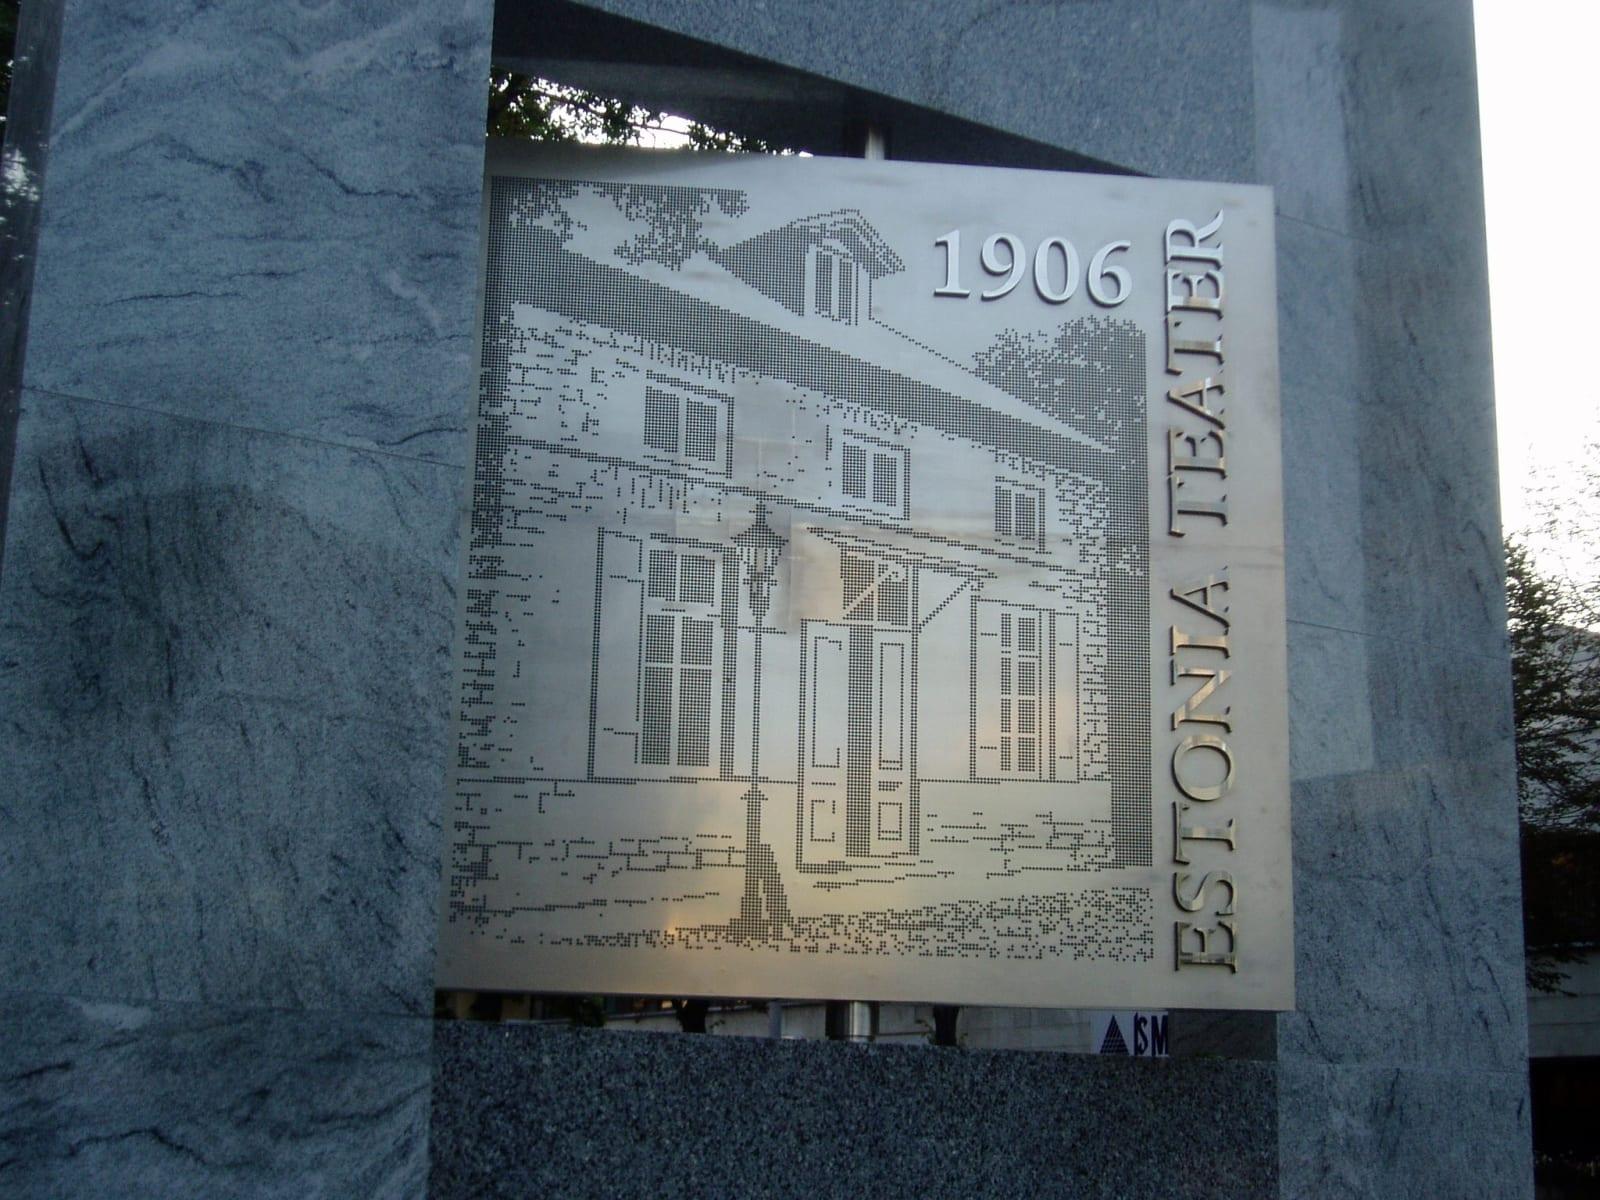 ESTONIA TEATRI 100 JUUBELI MONUMENT 2006 h= 5 m graniit, roostevaba teras, keskmine osa pöörlev ja valgustatud - Tallinn, Eesti <br/> THEATRE ESTONIA 100 MONUMENT 2006 h= 5 m granit, stainless steel, the middle part is moving, light inside - Tallinn, Estonia